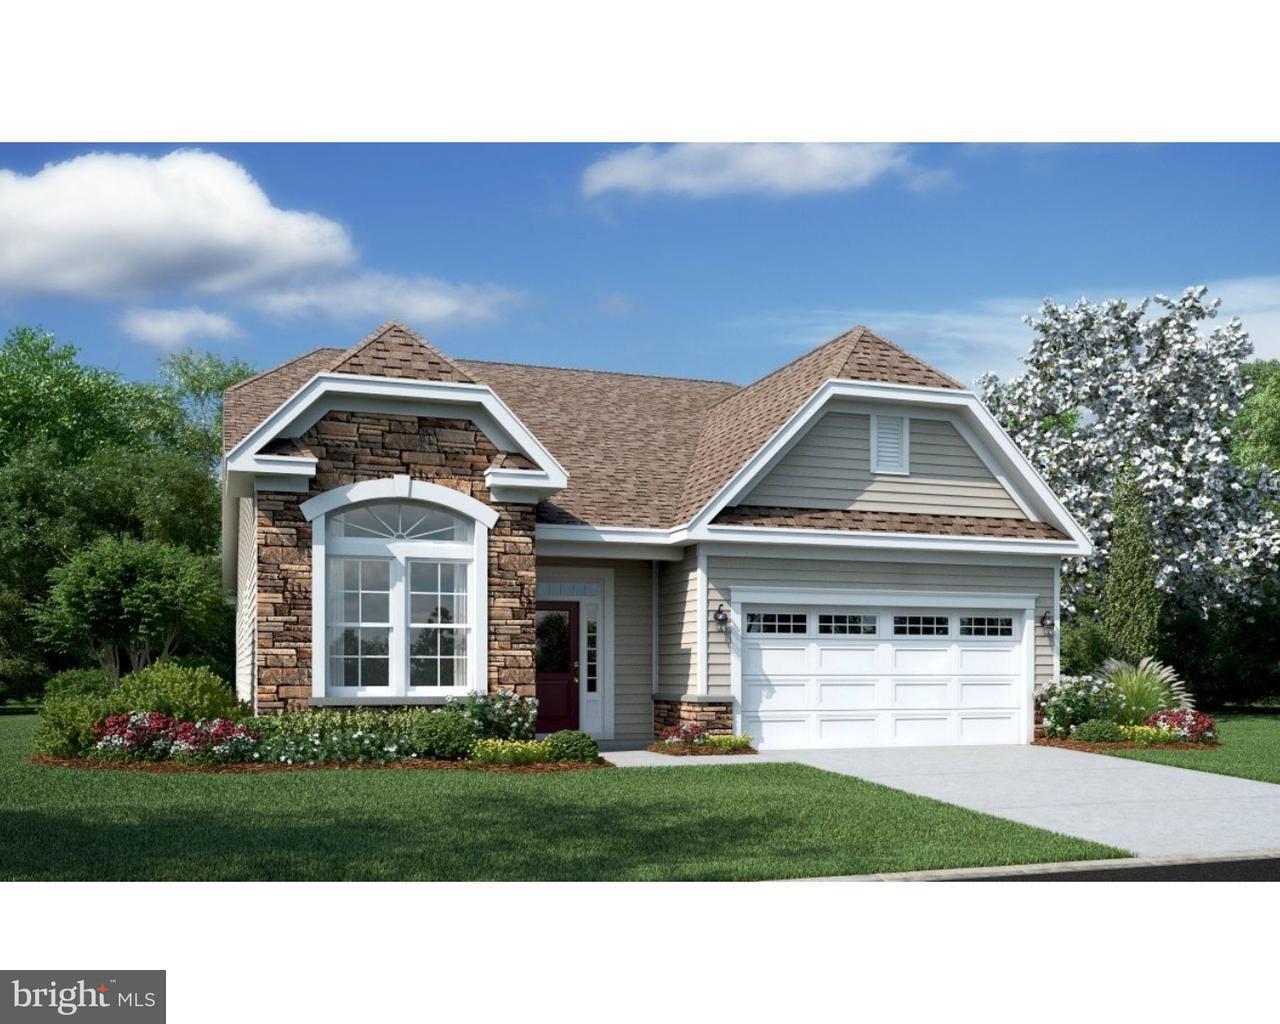 Μονοκατοικία για την Πώληση στο 8 DAVINCI Drive Monmouth Junction, Νιου Τζερσεϋ 08852 Ηνωμενεσ ΠολιτειεσΣτην/Γύρω: South Brunswick Township